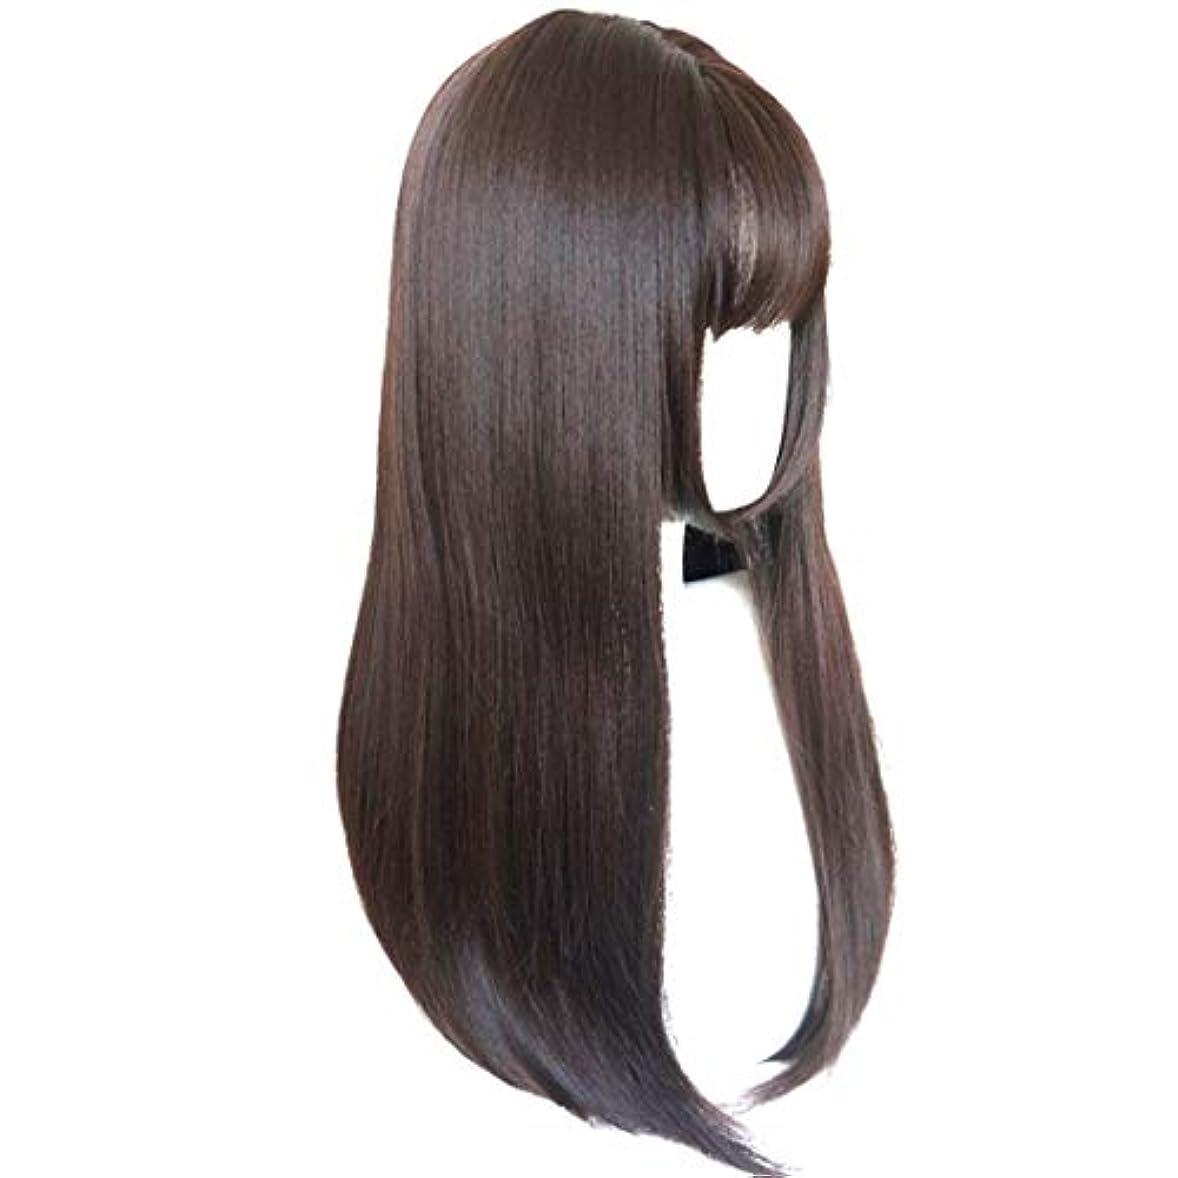 領域ケープ物理学者Summerys かつら完全なかつら女性のための耐熱性耐熱性でかつらストレートロング人工毛